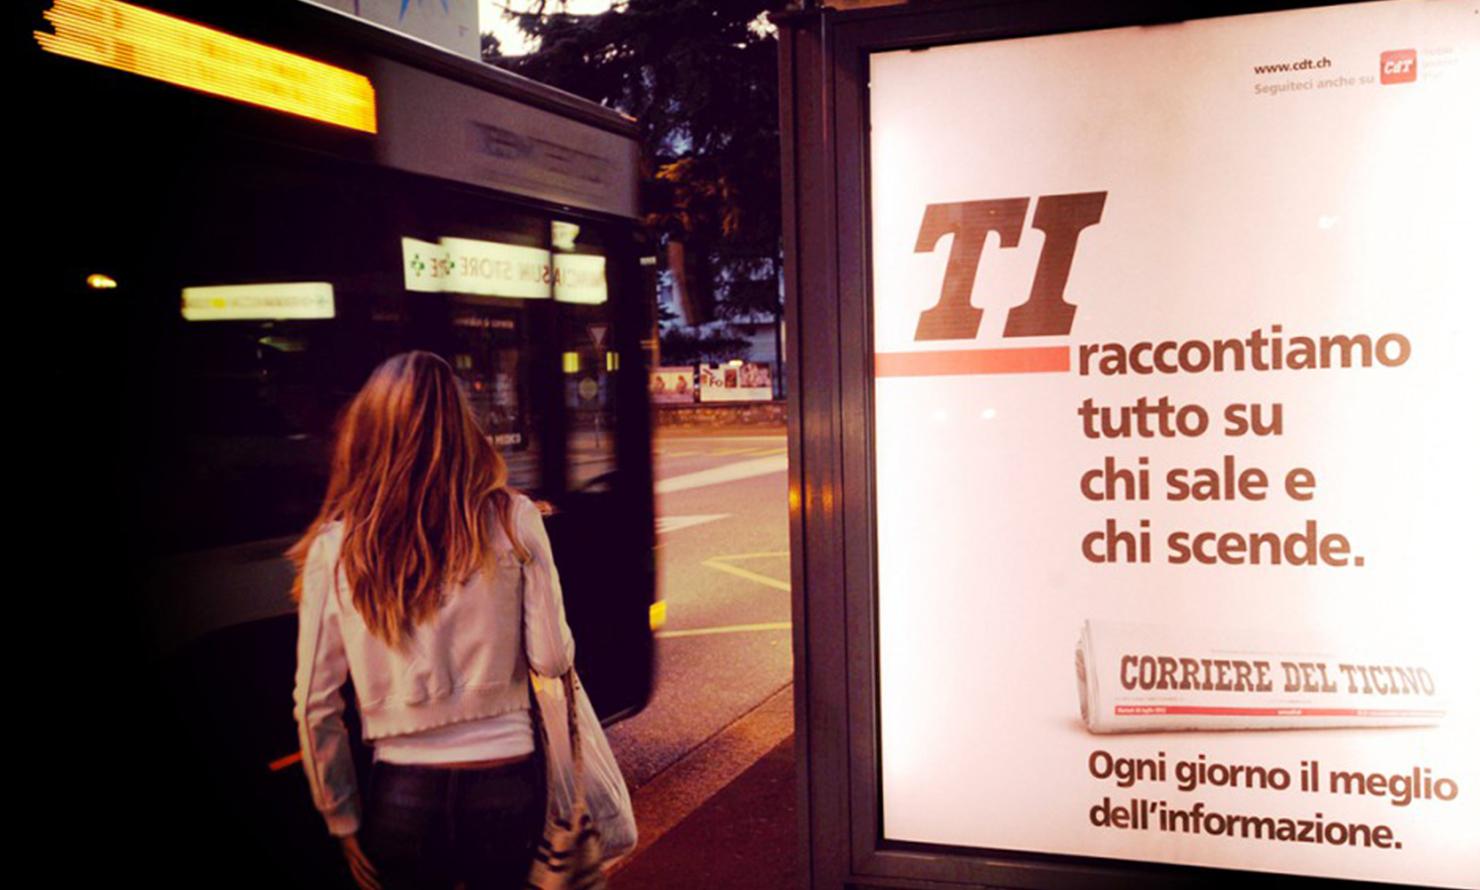 https://kubelibre.com/uploads/Slider-work-tutti-clienti/corriere-del-ticino-portiamo-dentro-la-notizia-6.jpg